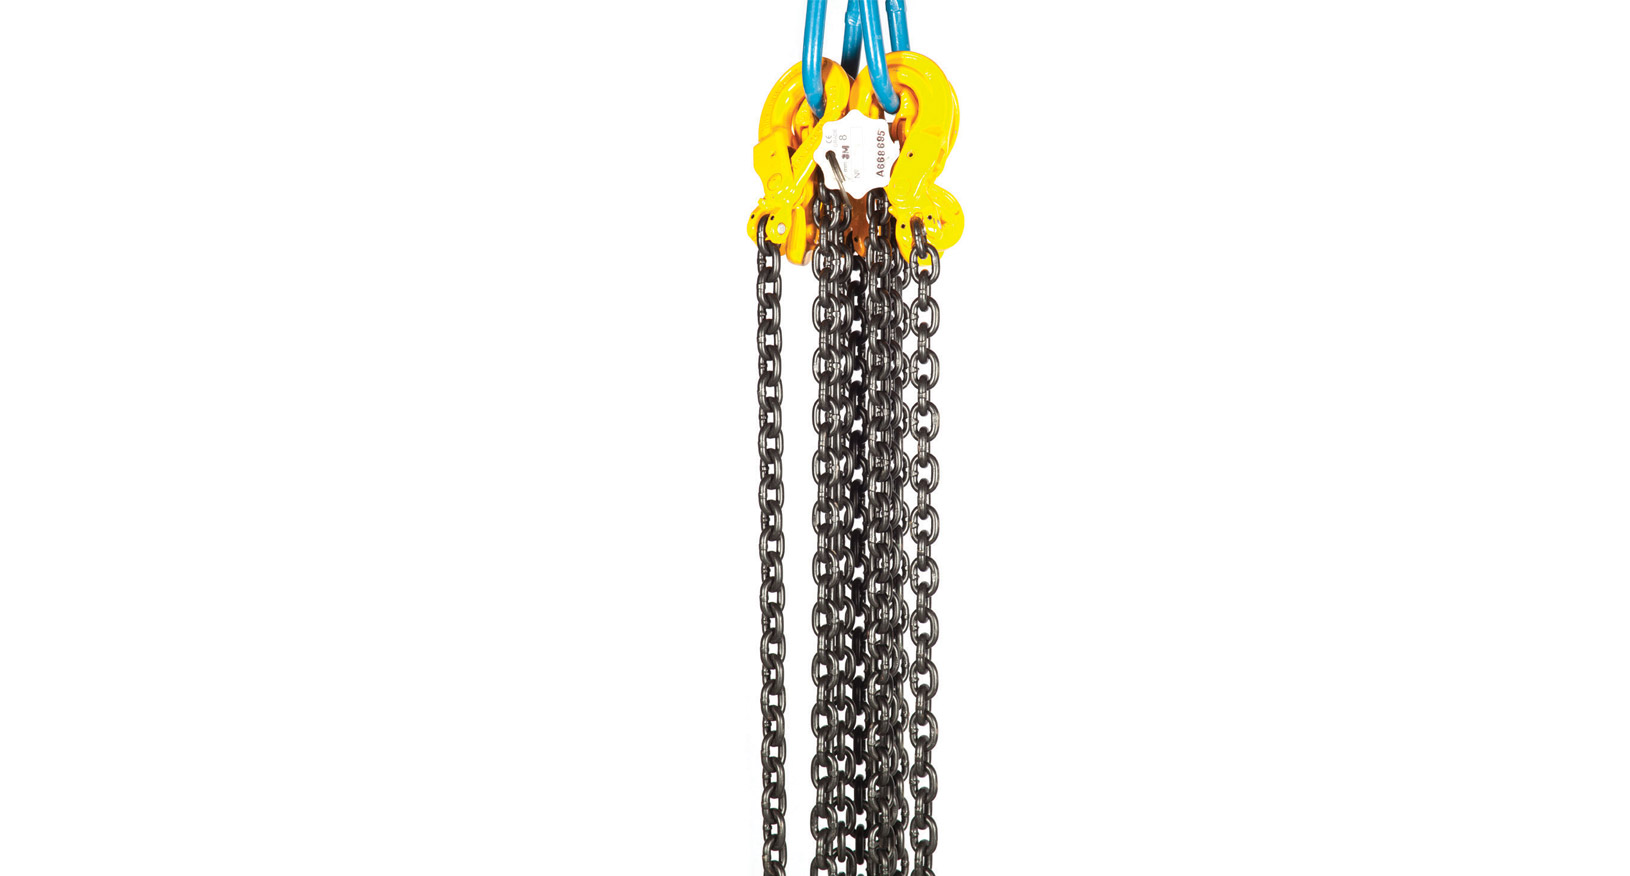 2T 8mm 2 Leg Chain 3-6M